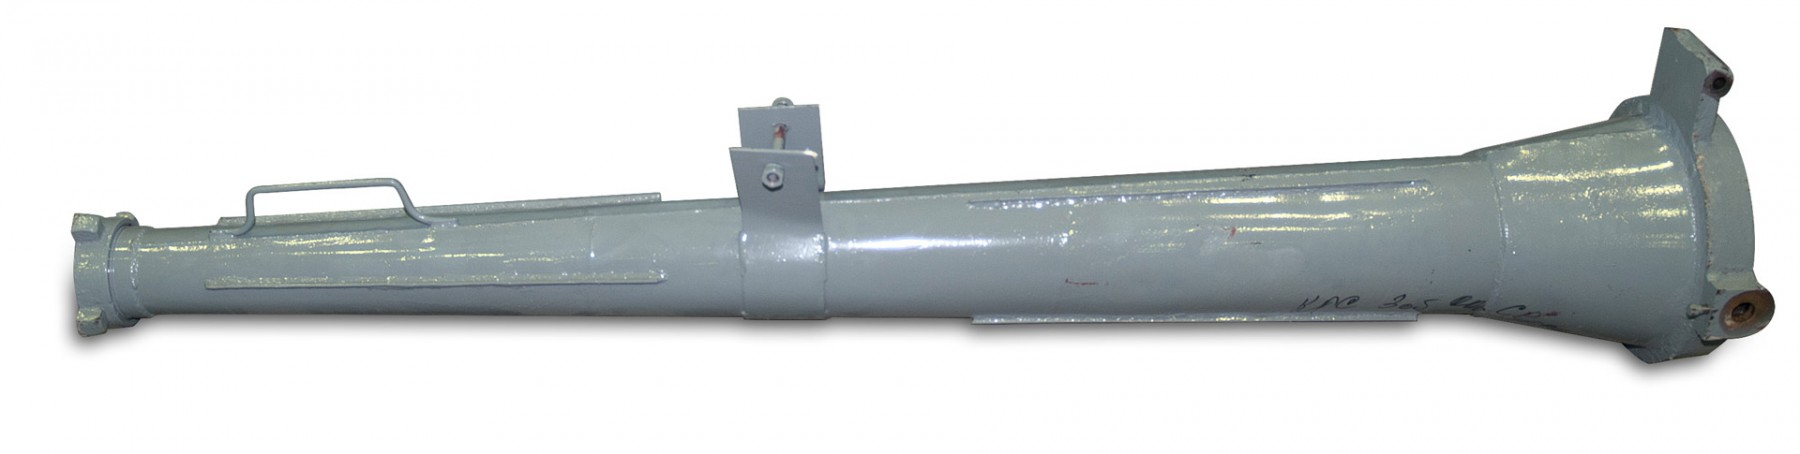 Ствол для гидромонитора ГМН 250